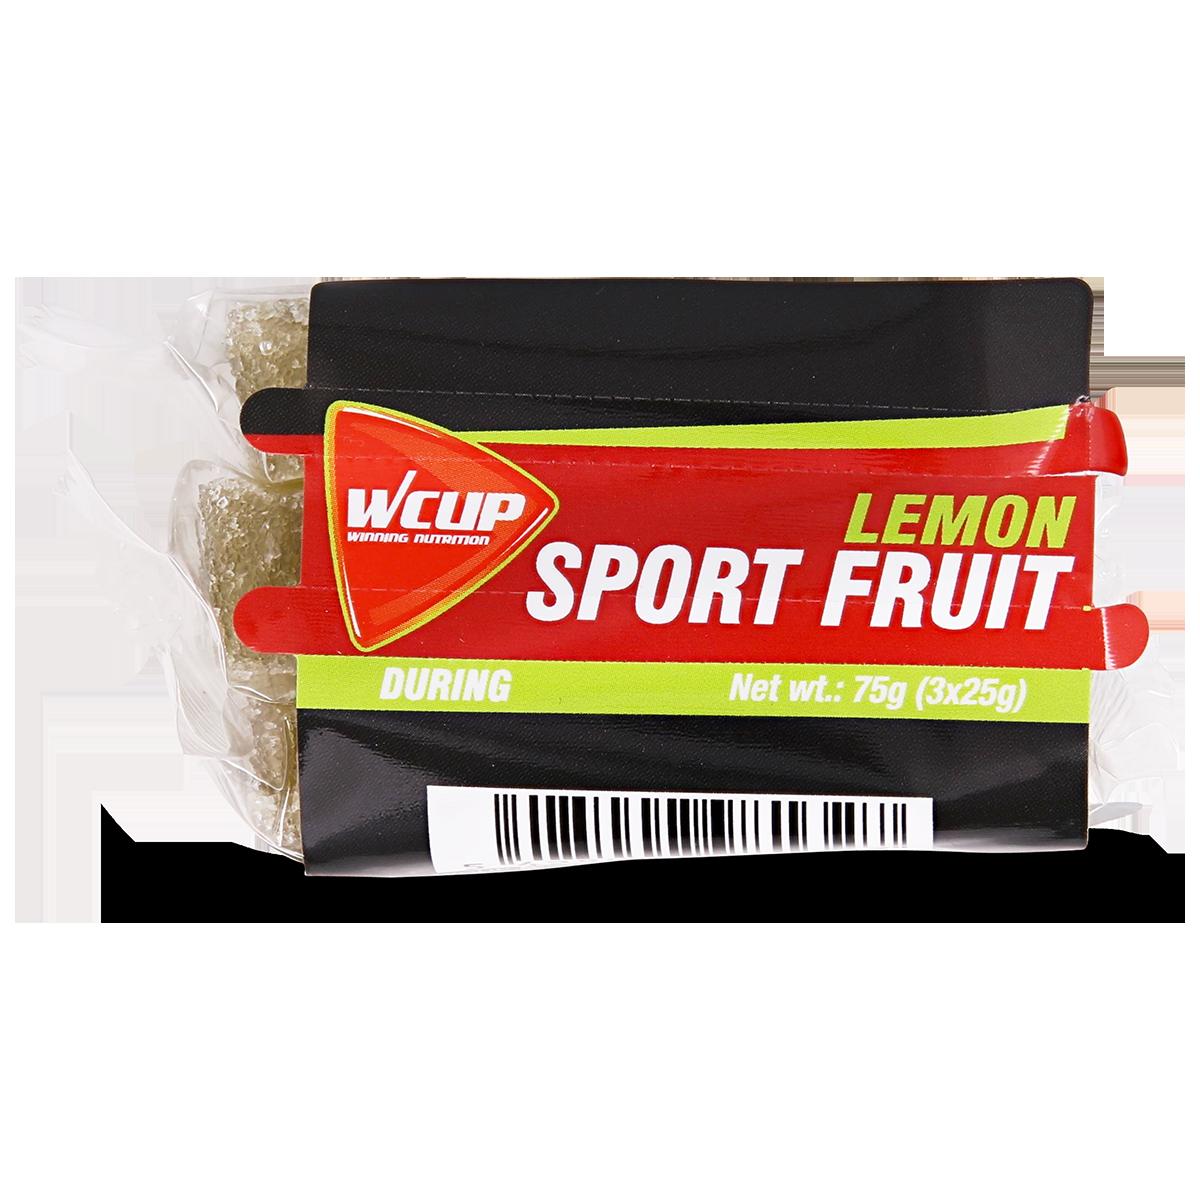 Sport Fruit Lemon